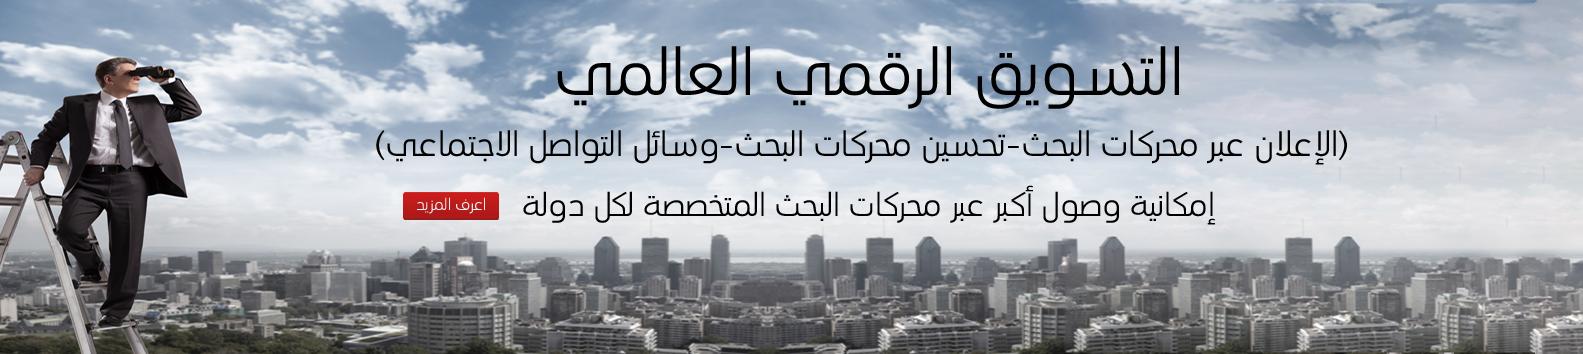 06-gpi-global-digital-marketing-ar__2